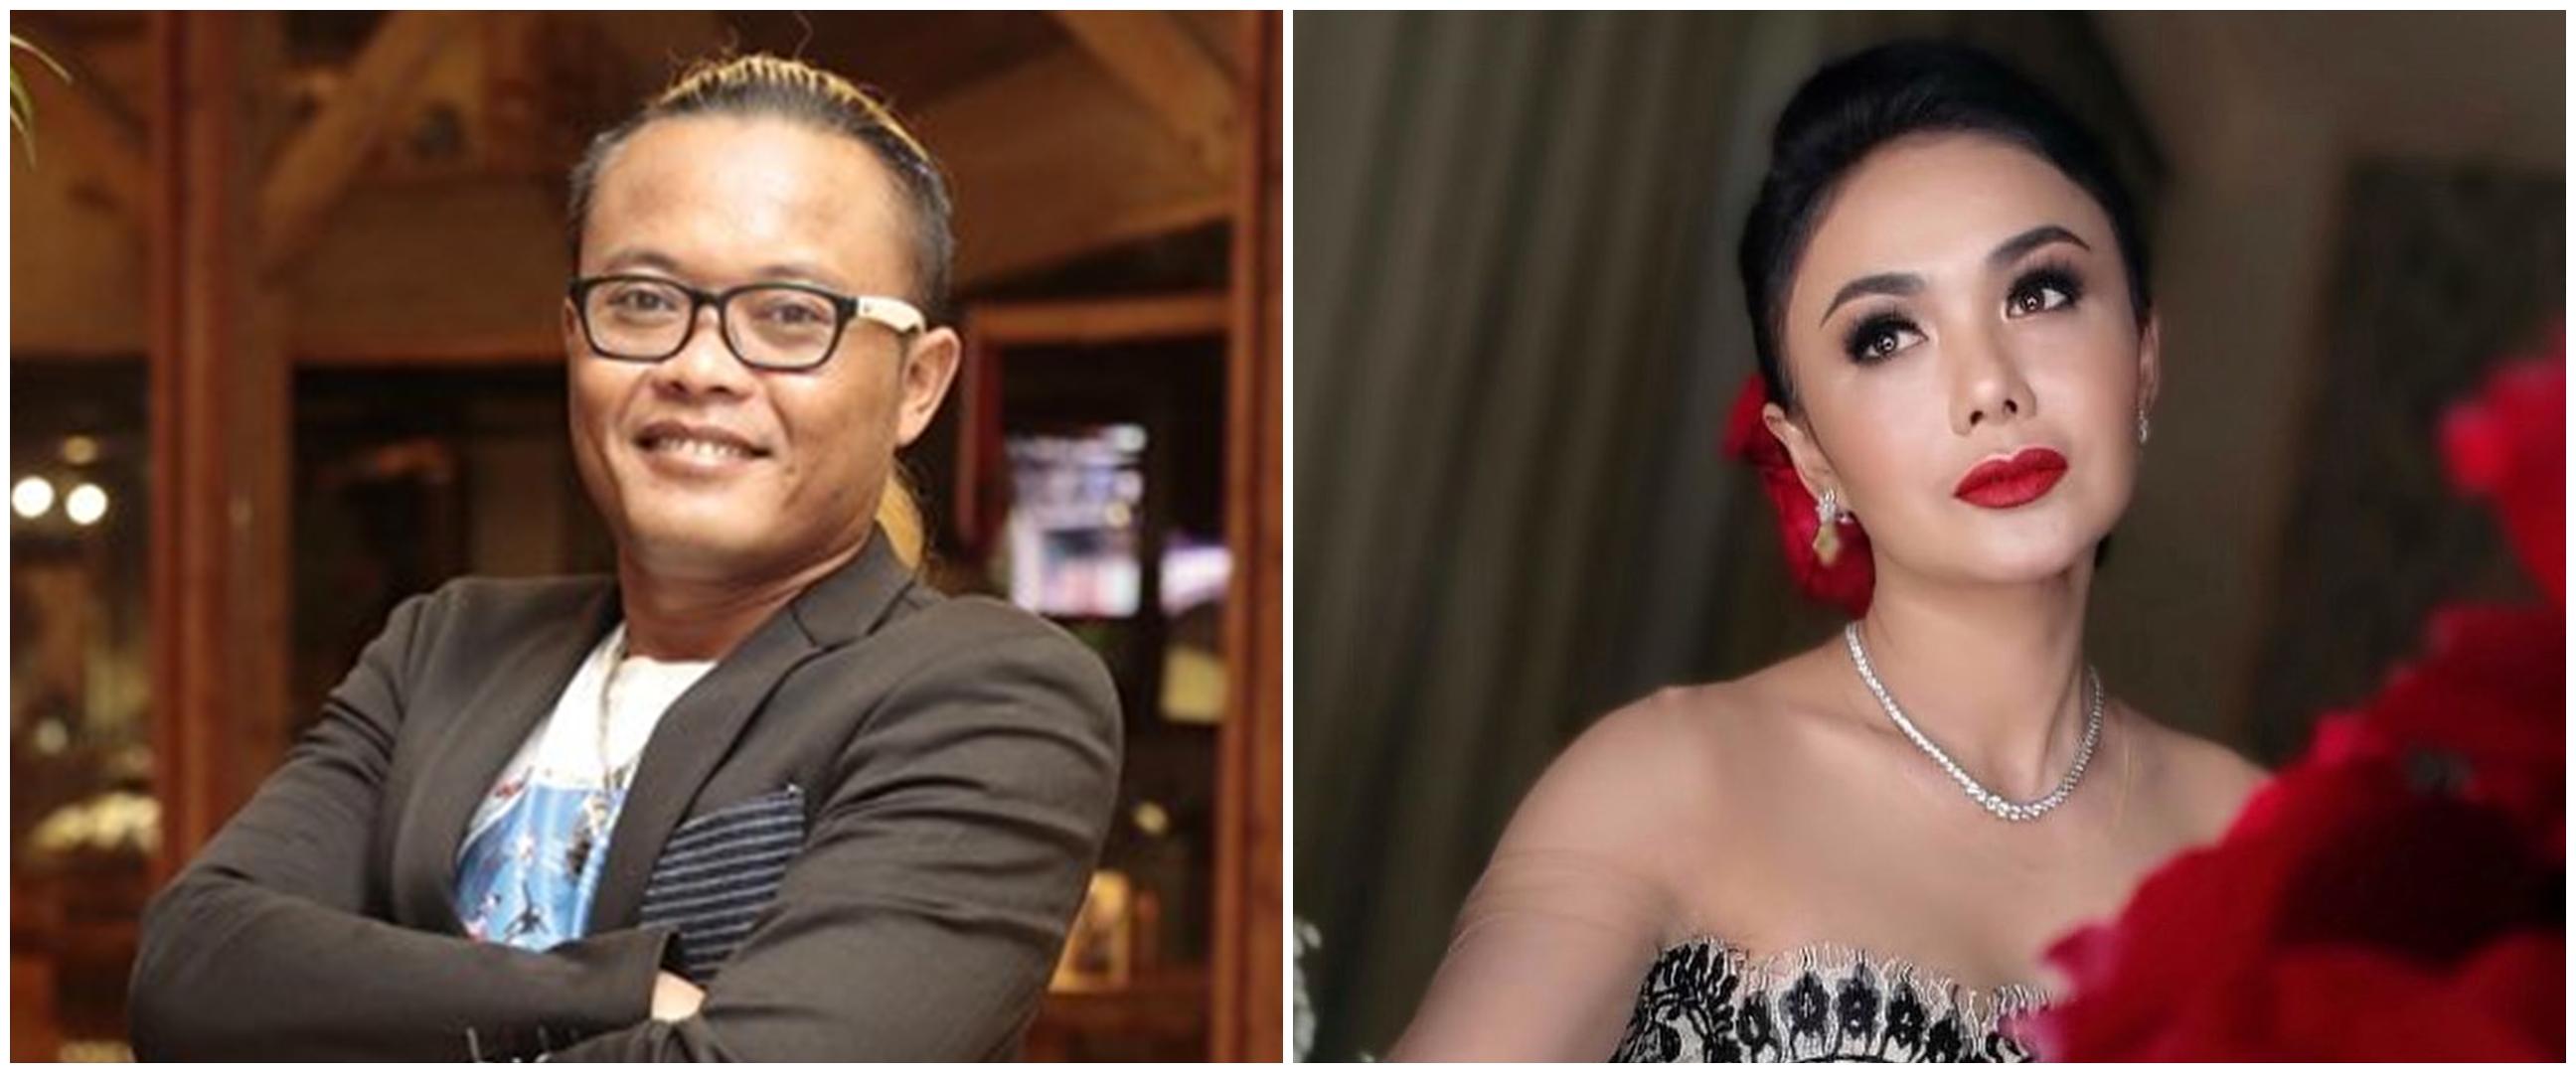 Momen Sule salah tingkah saat digoda Yuni Shara segera menikah